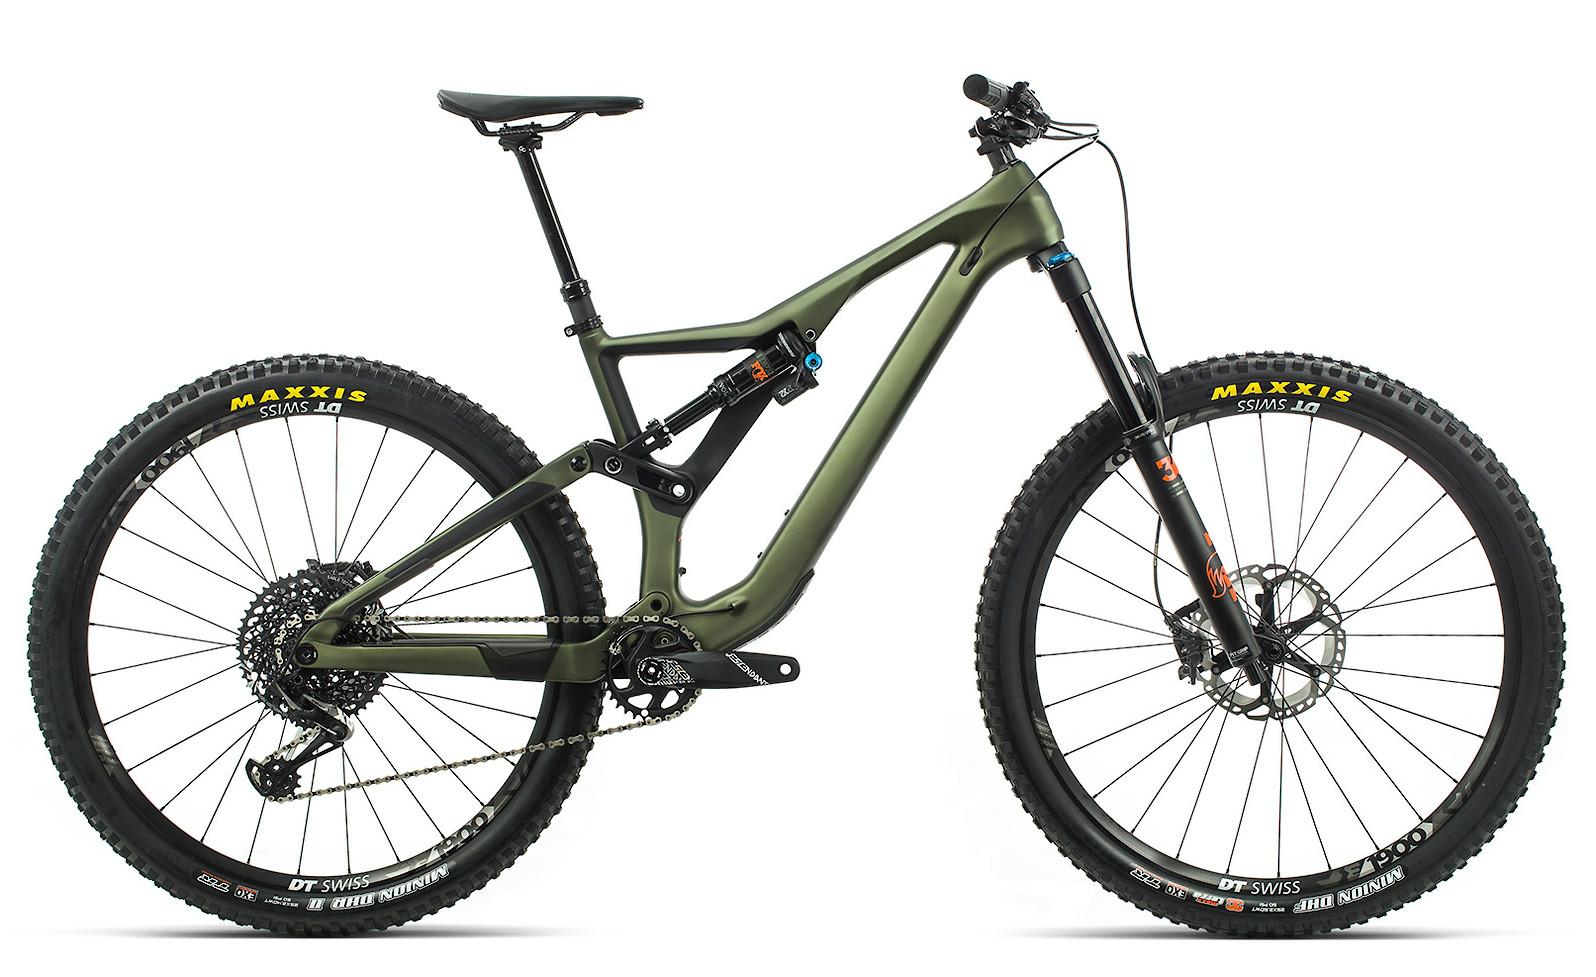 2020 Orbea Rallon M10 in green/orange